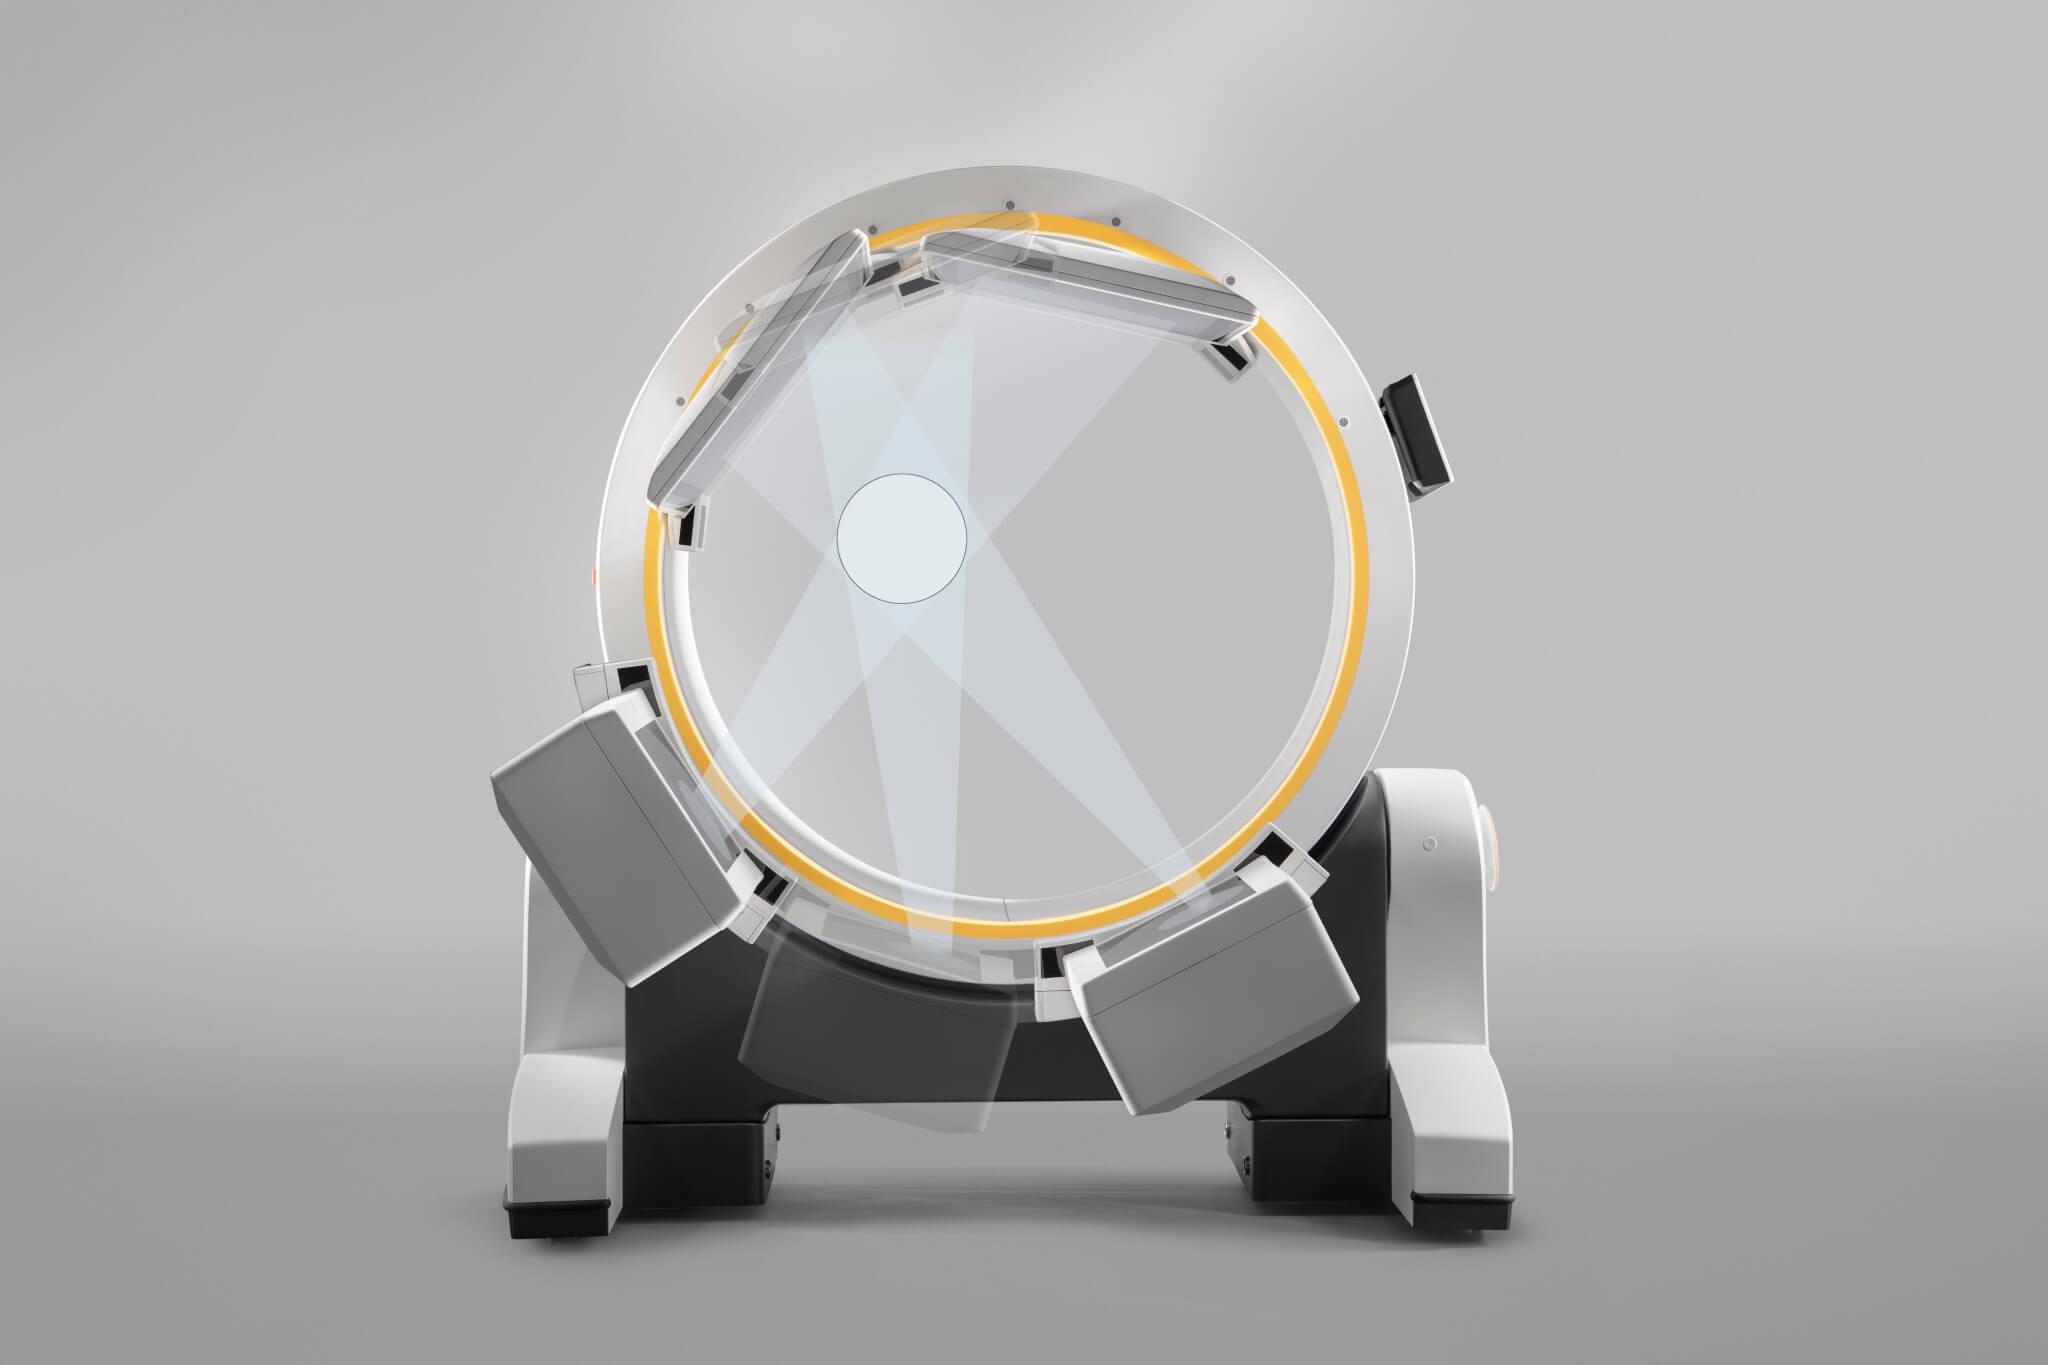 Aquisição não isocêntrica de imagens Cone Beam CT Loop-X da Brainlab